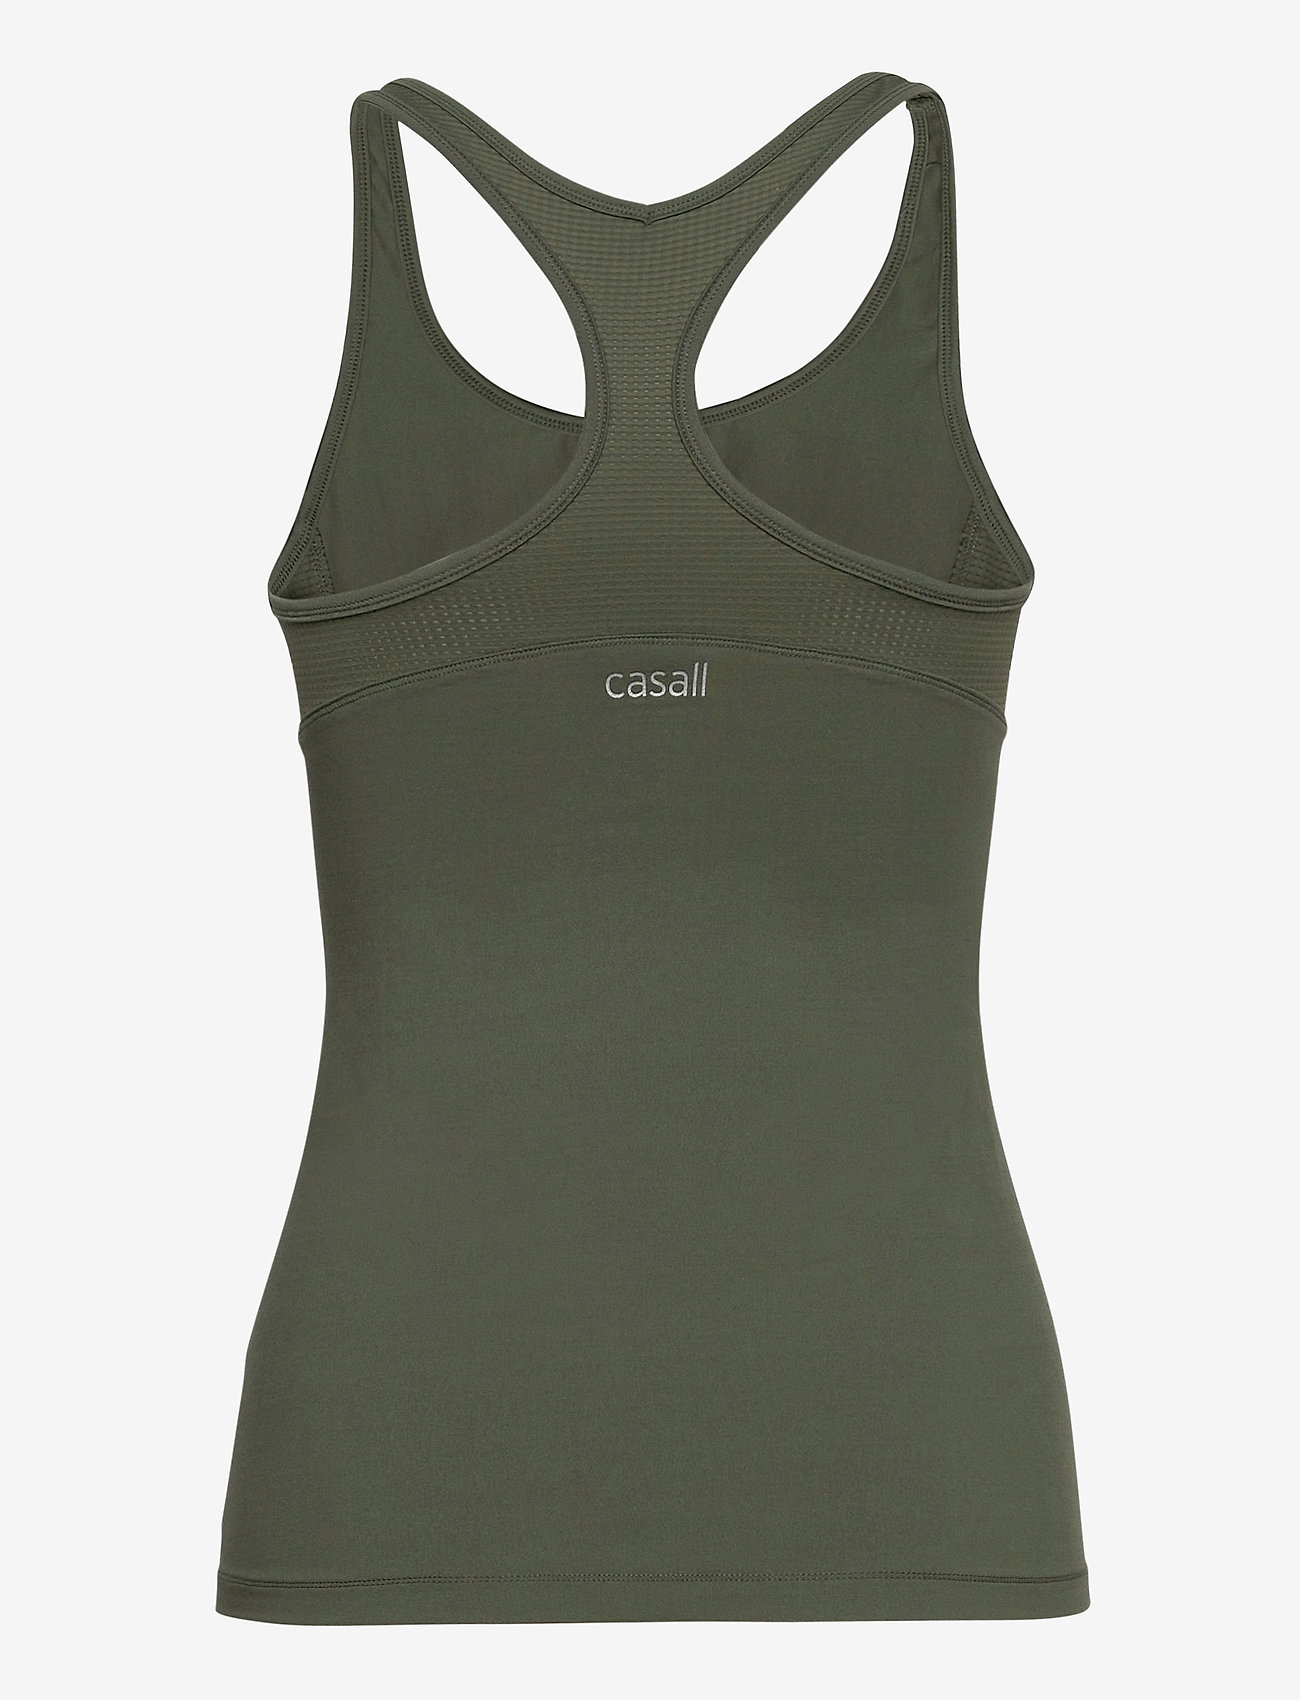 Casall - Iconic racerback - podkoszulki bez rękawów - northern green - 1